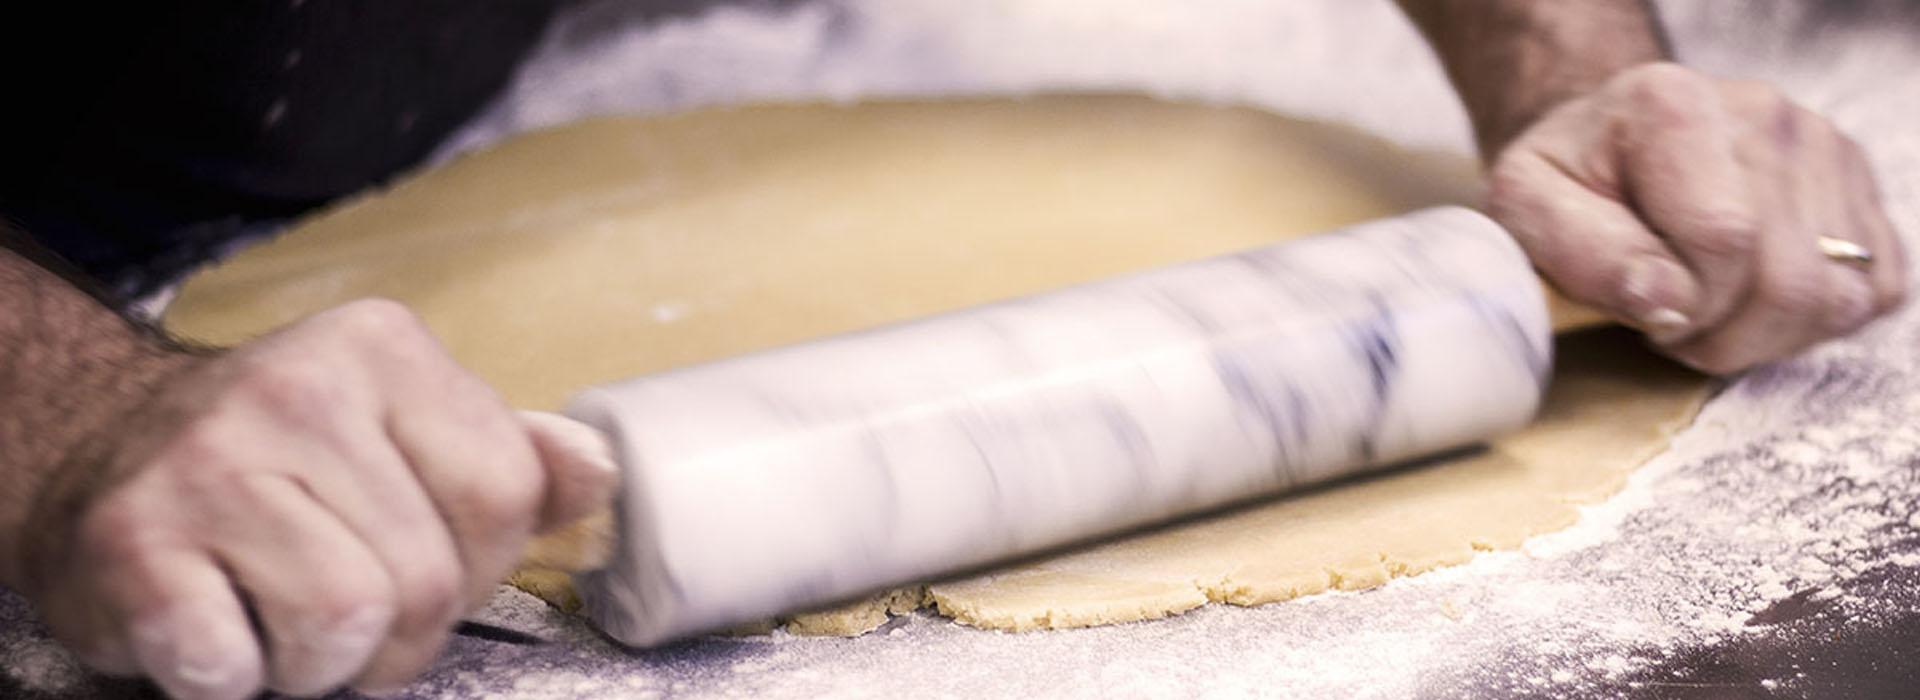 Pizza cotta con forno a legna